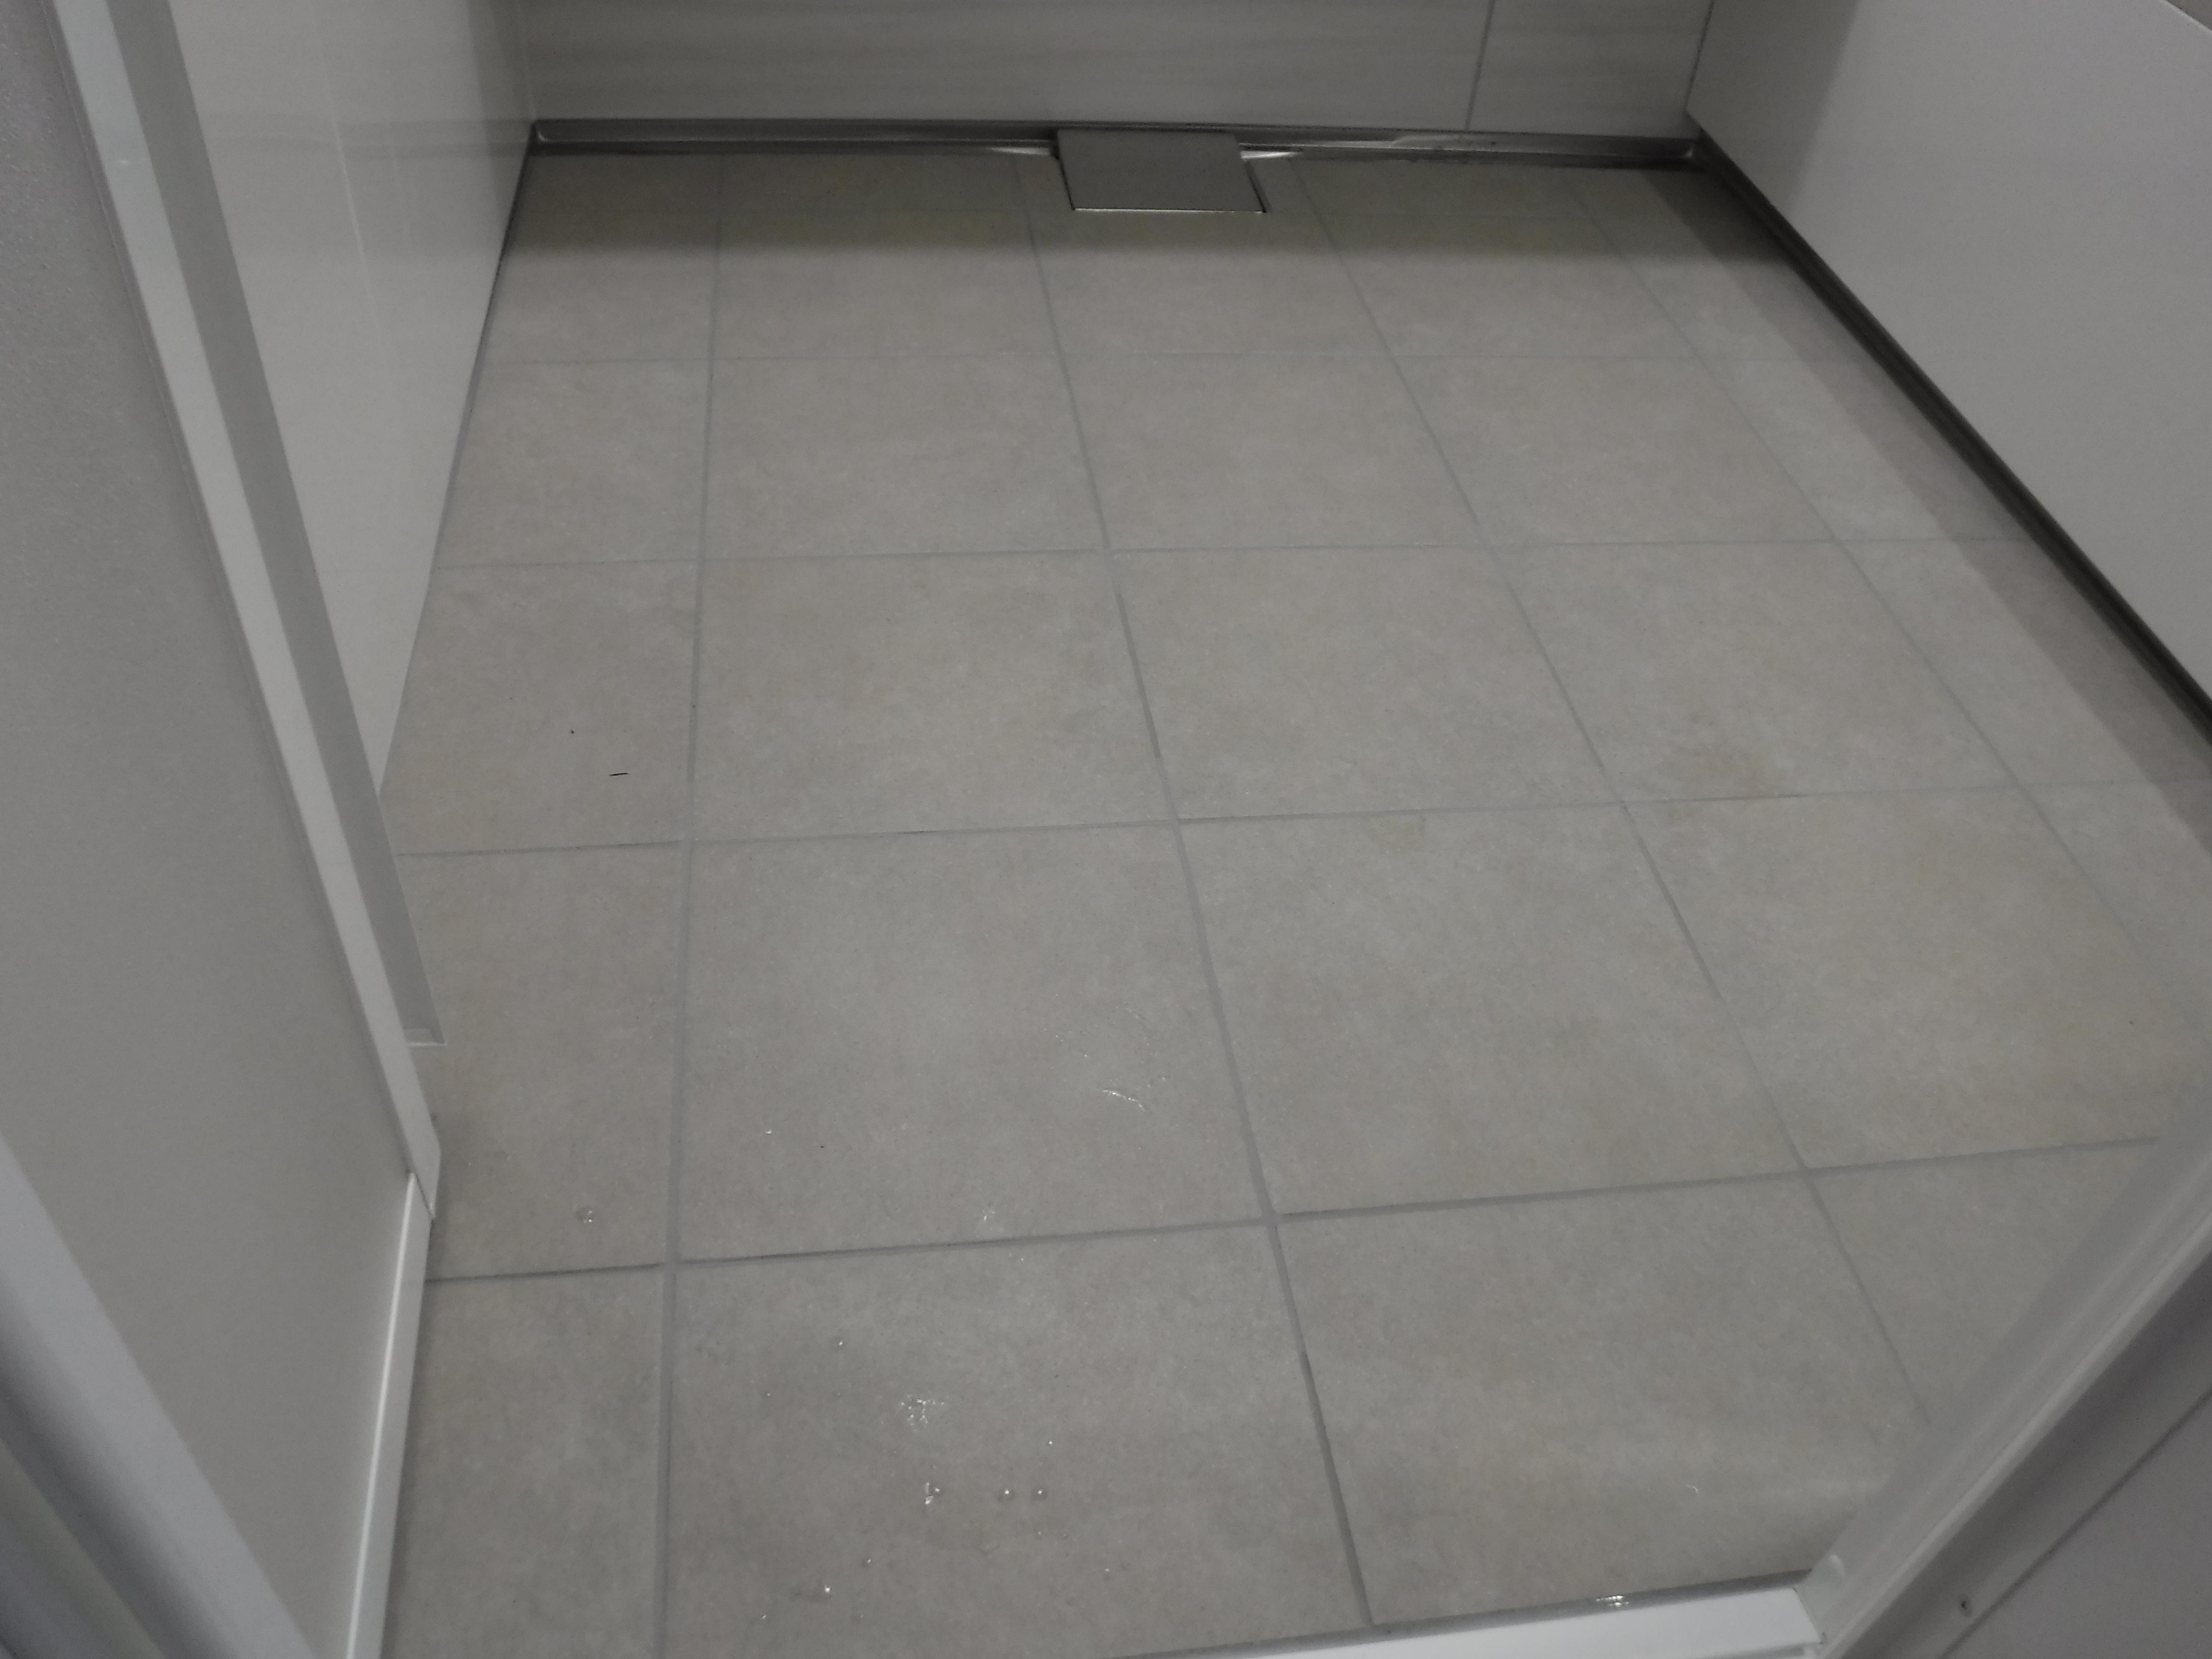 大きなお風呂のままで改装工事 床 キープクリーン フロア